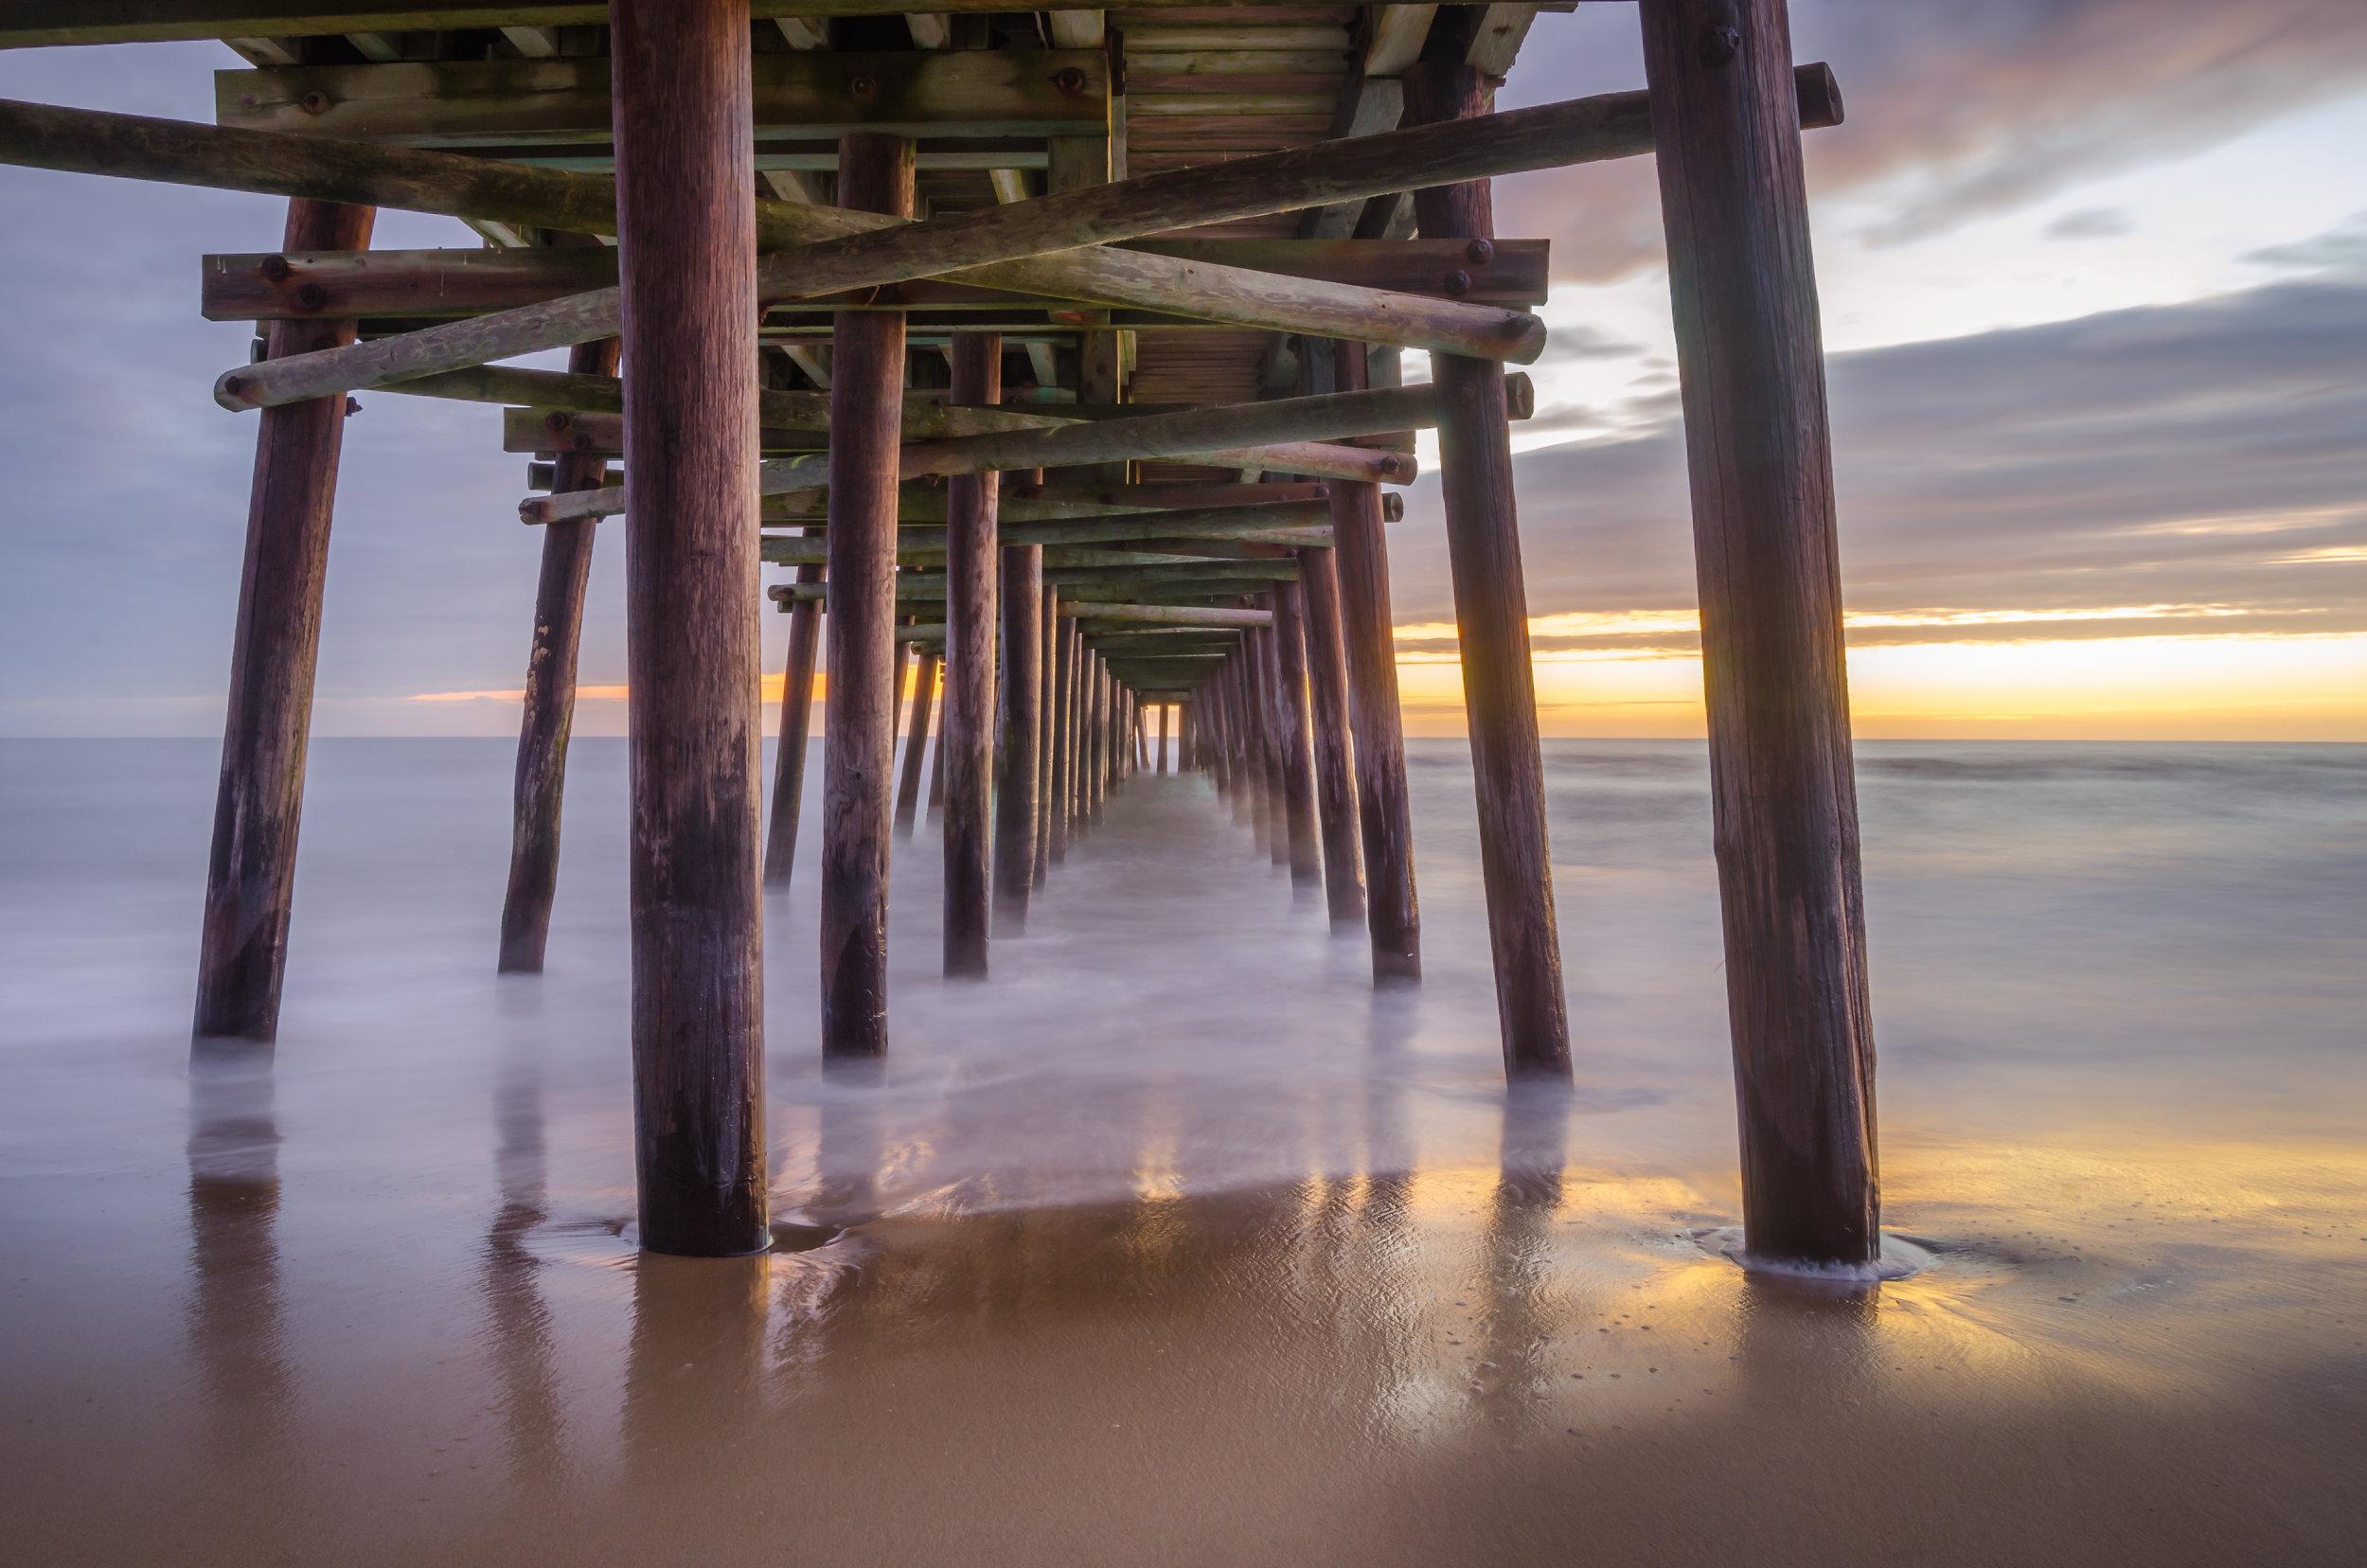 sandbridge-sandbridge pier-sandbridge beach-pier-sunrise-dawn-Virginia Beach-Virginia-under-beach.jpg